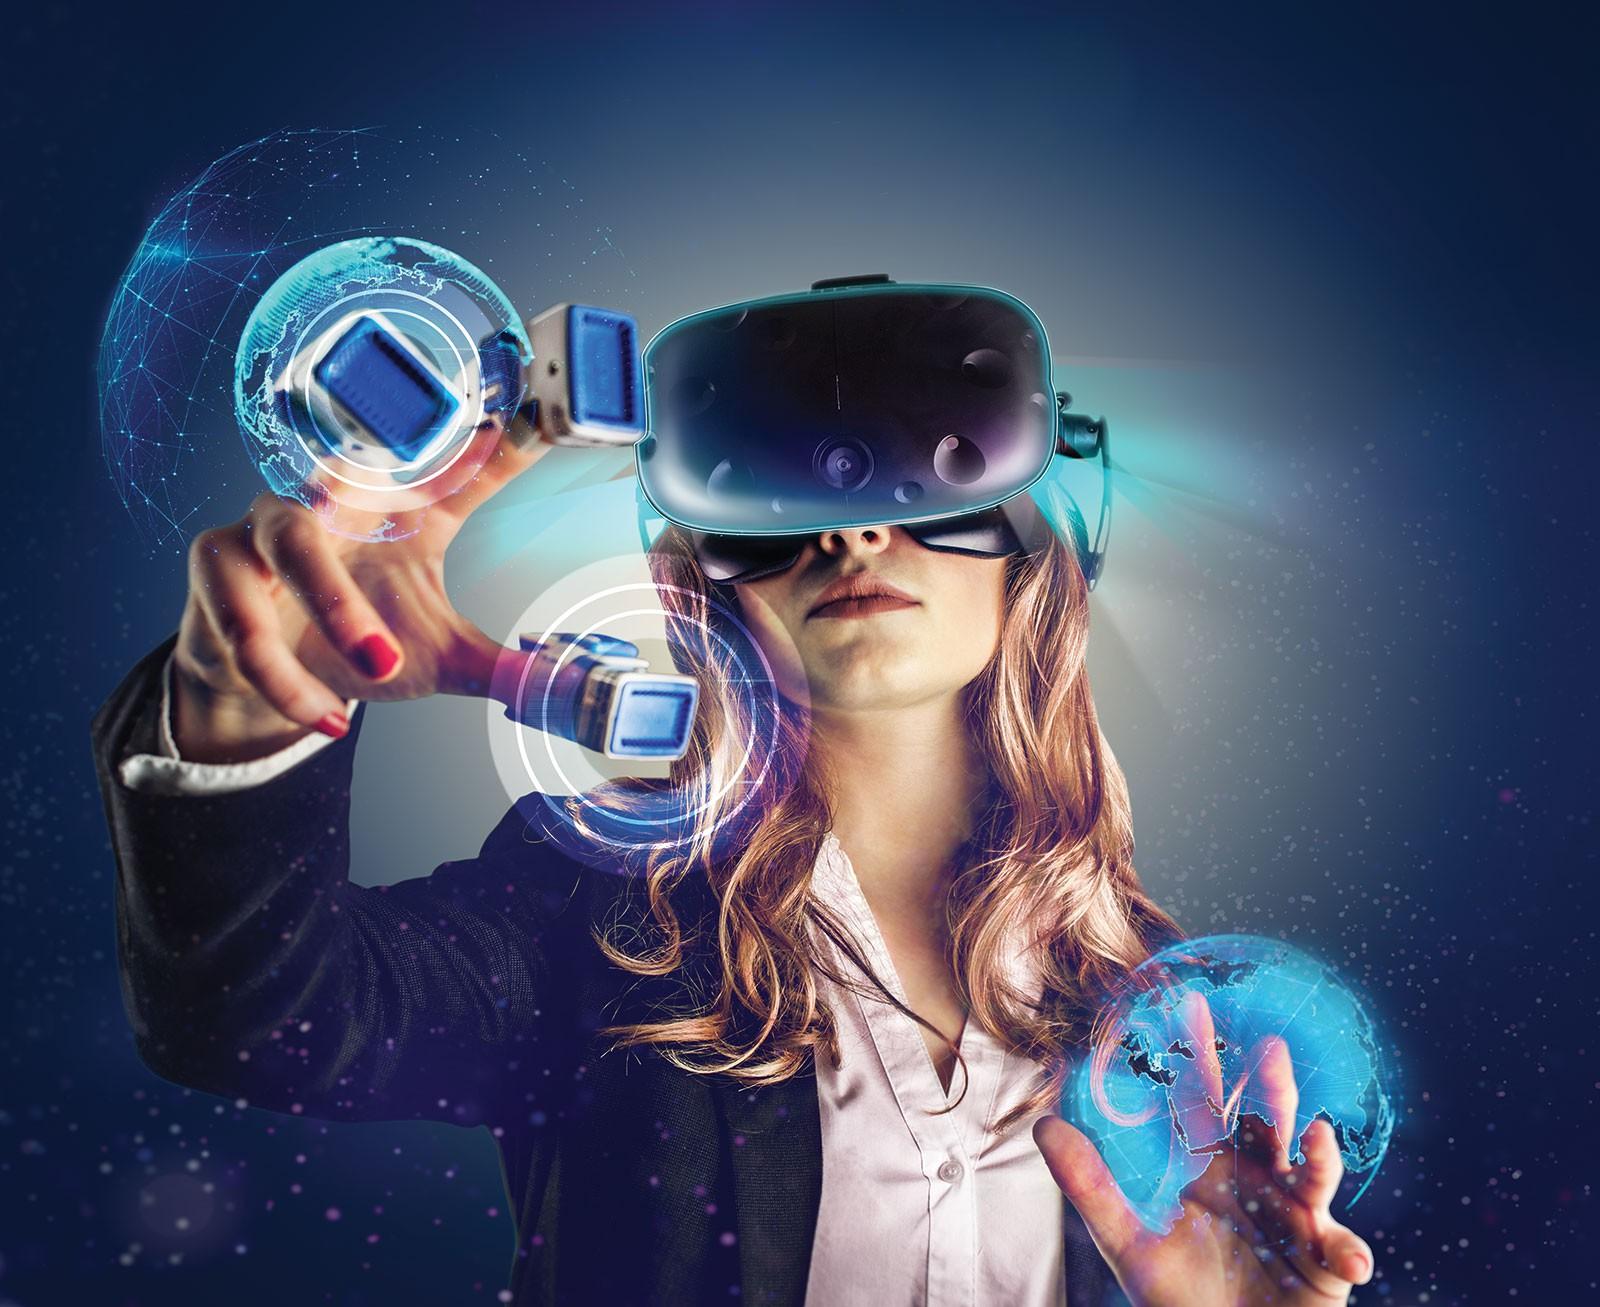 Phân biệt Thực tế ảo (VR) và Thực tế tăng cường (AR) - Ảnh 1.